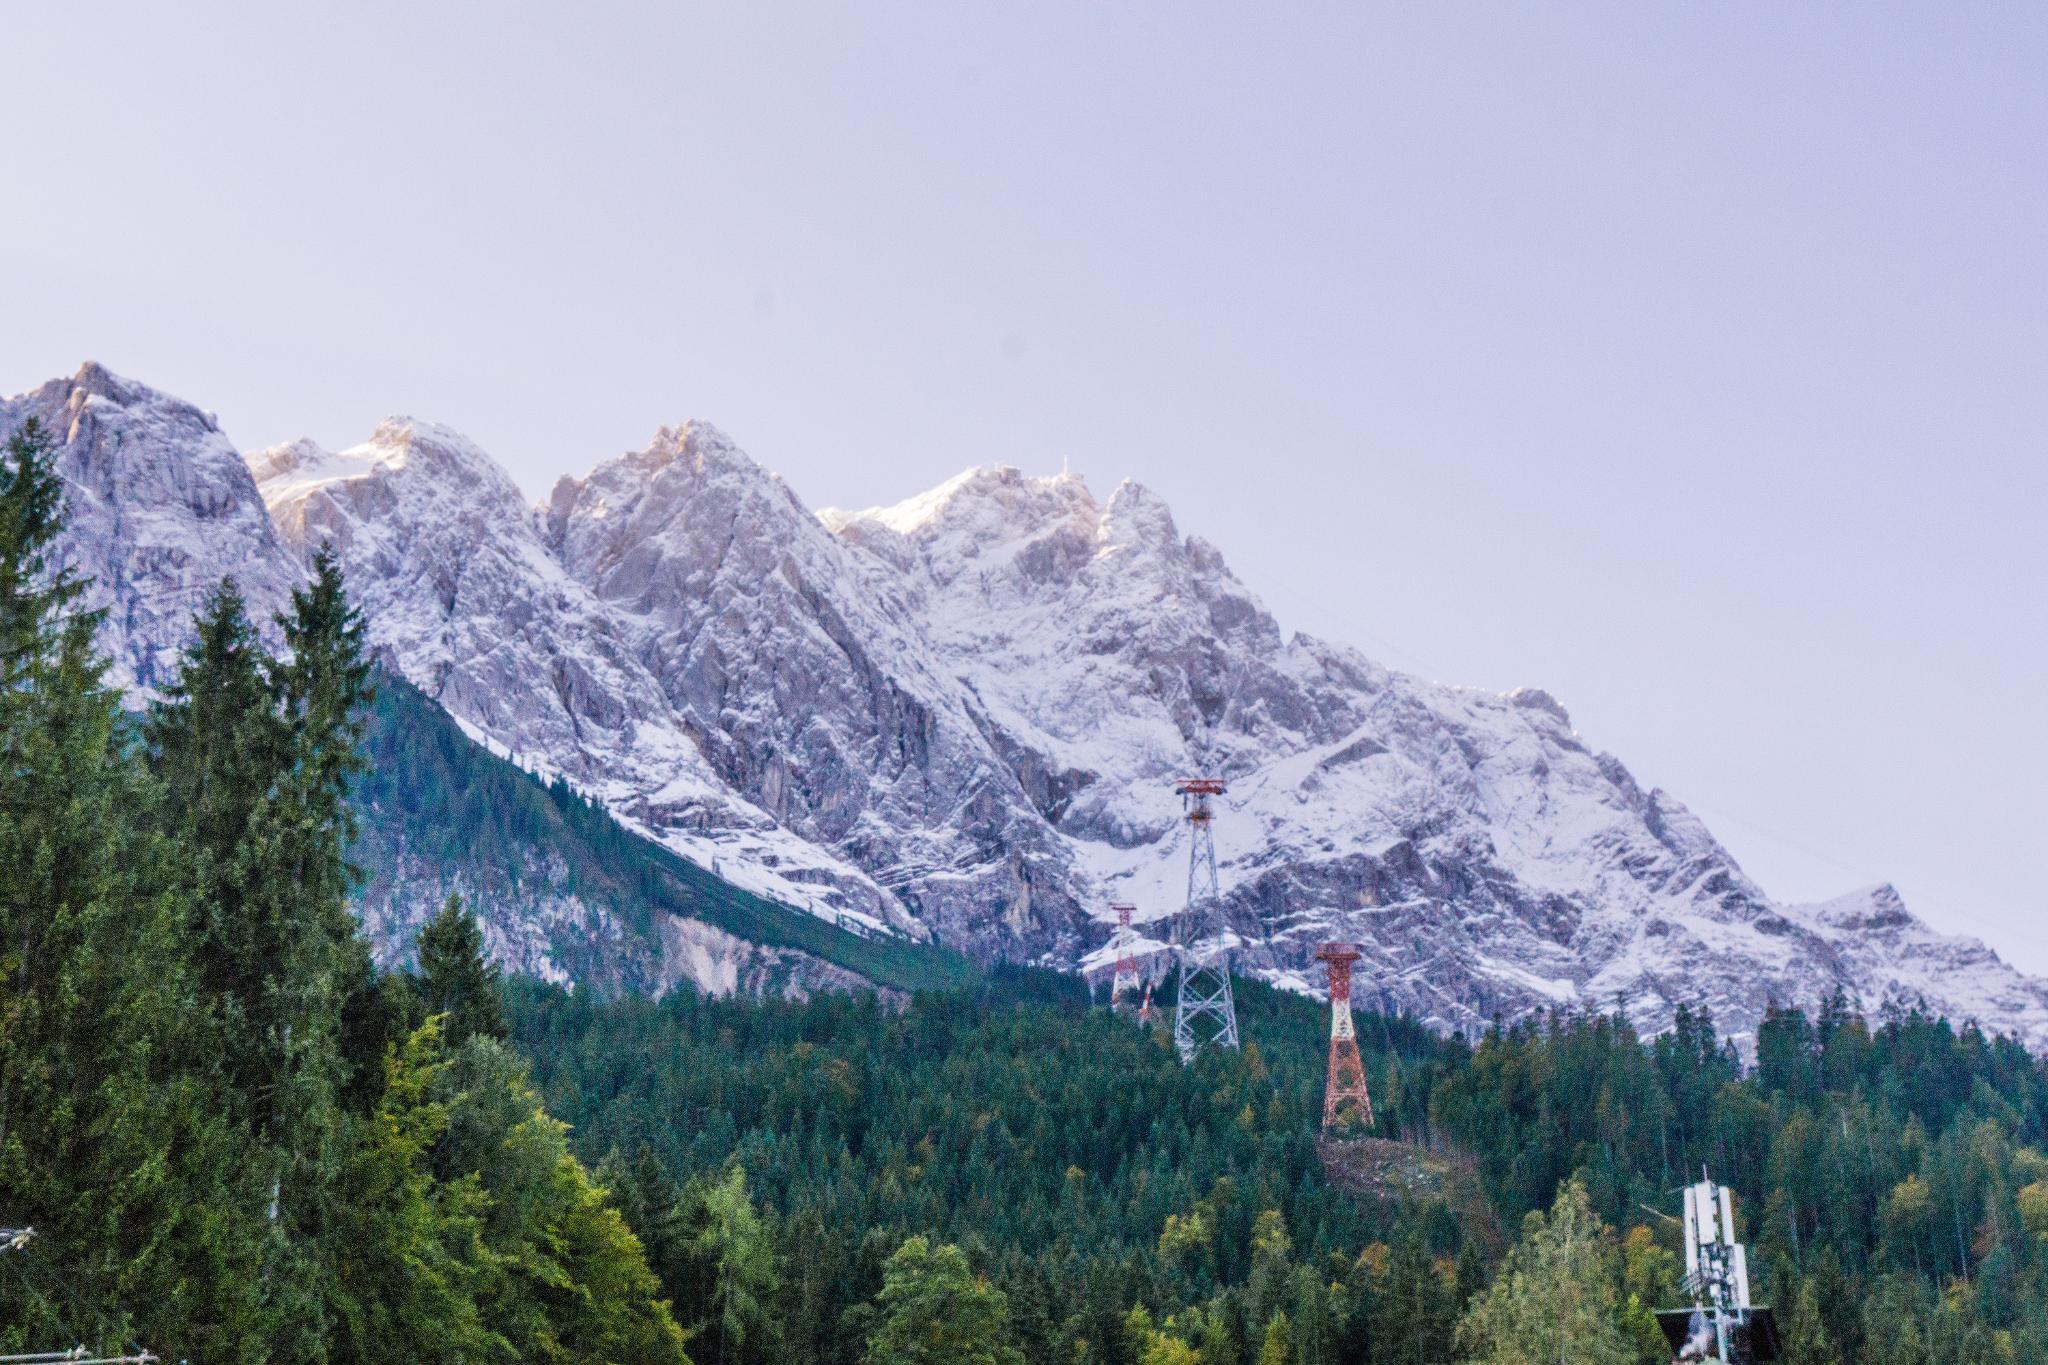 【德國】阿爾卑斯大道:楚格峰 (Zugspitze) 登上德國之巔 12